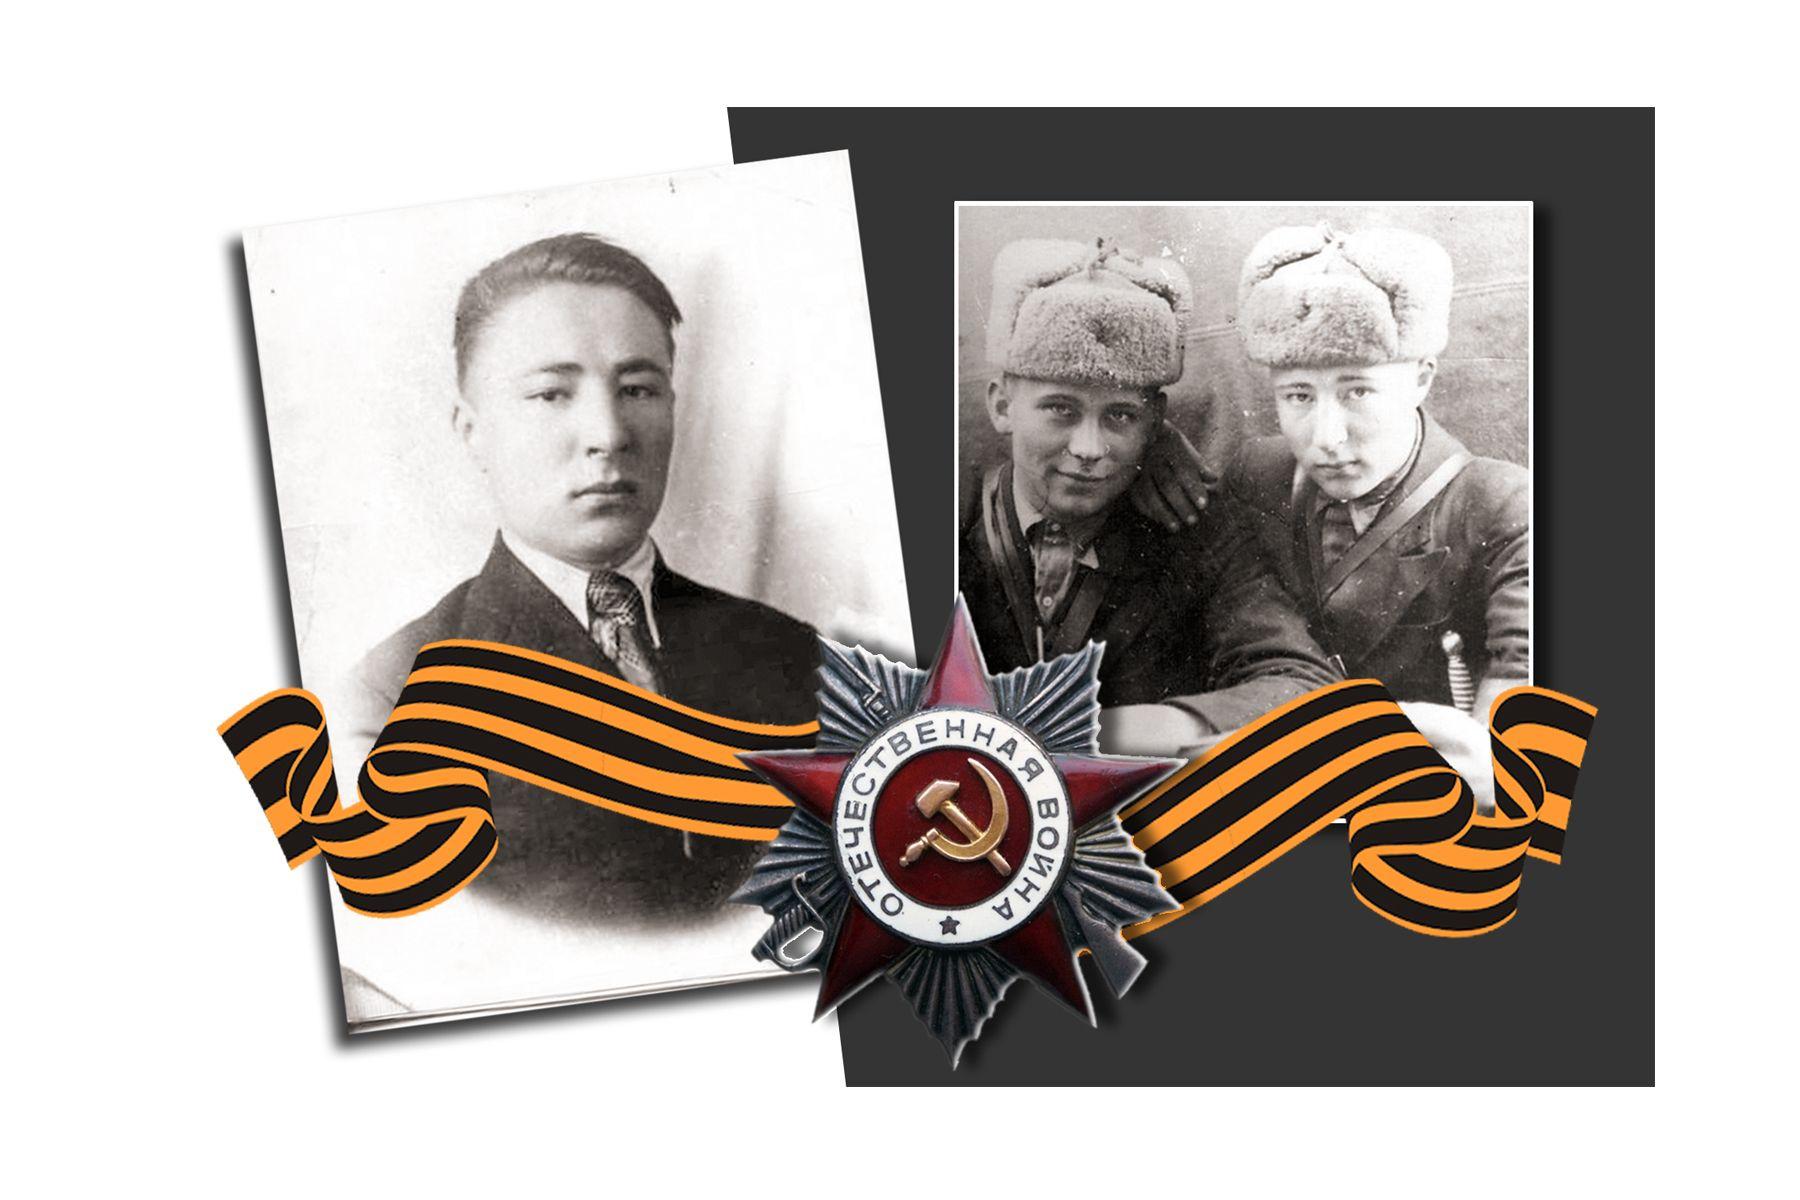 75 лет Победы: Стенько Дмитрий Алексеевич